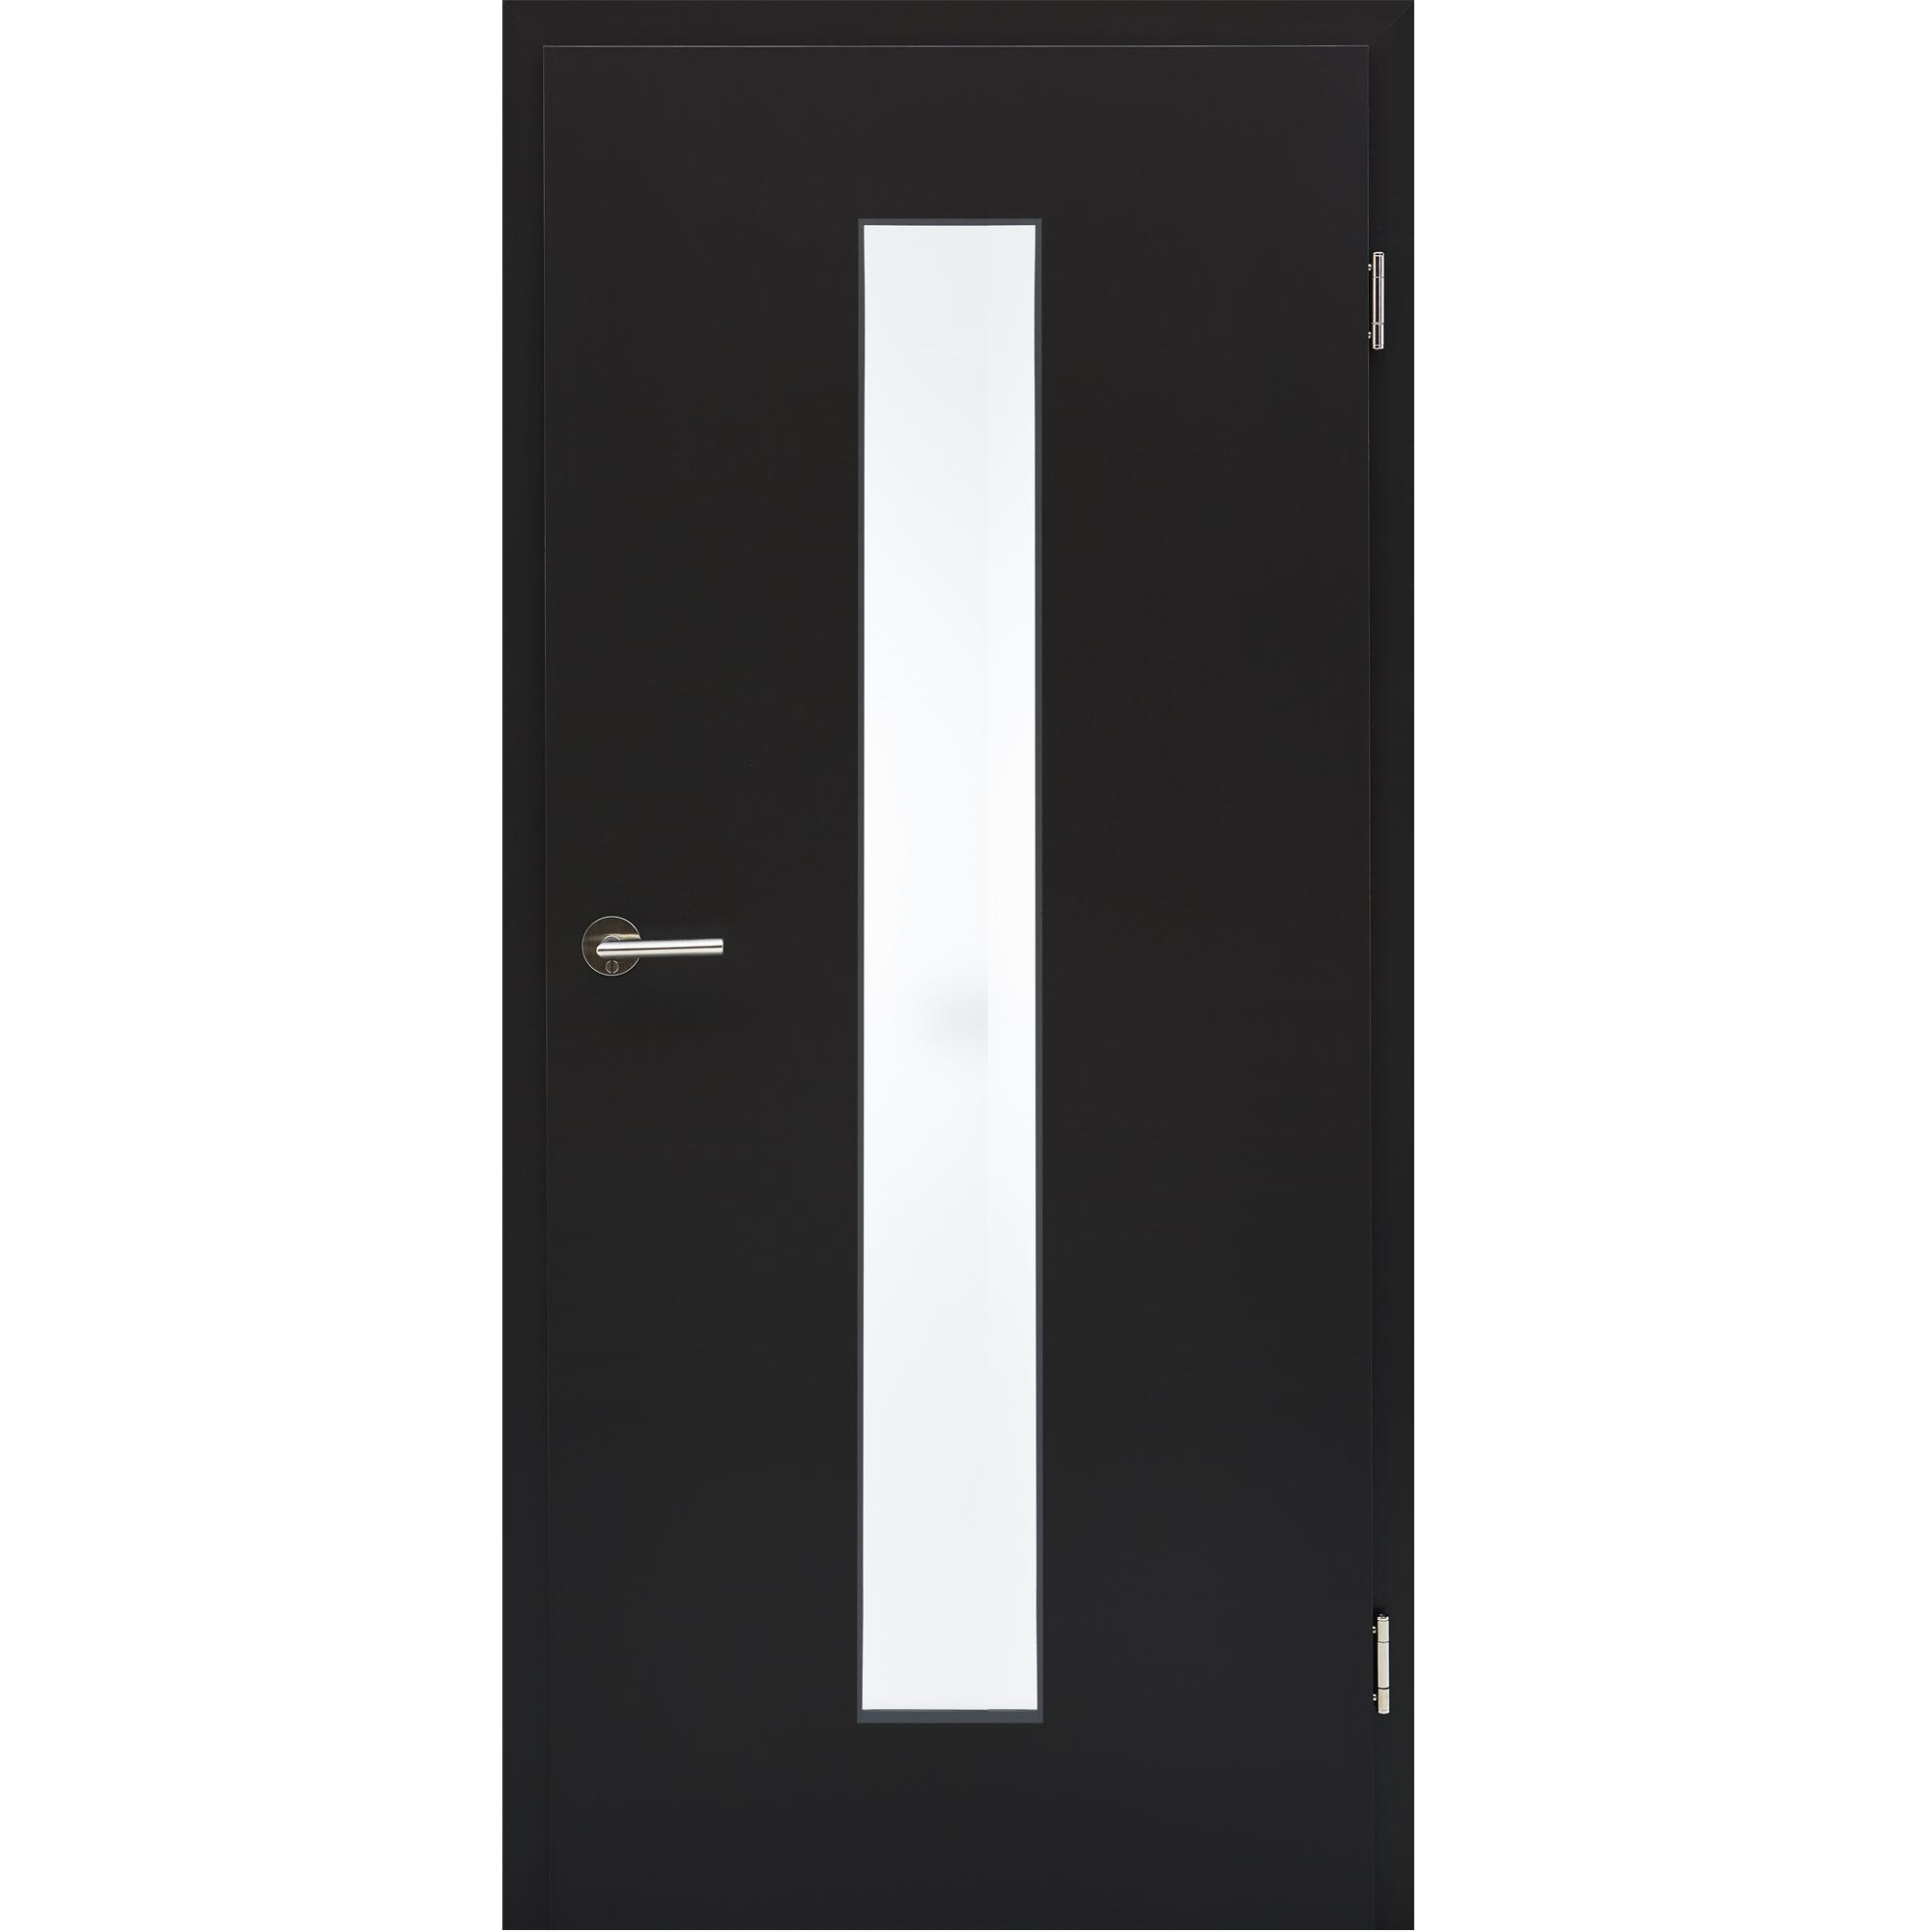 buy popular 3b9ee 146ff Zimmertür mit Zarge CPL Orca Lichtausschnitt schmal mittig ...